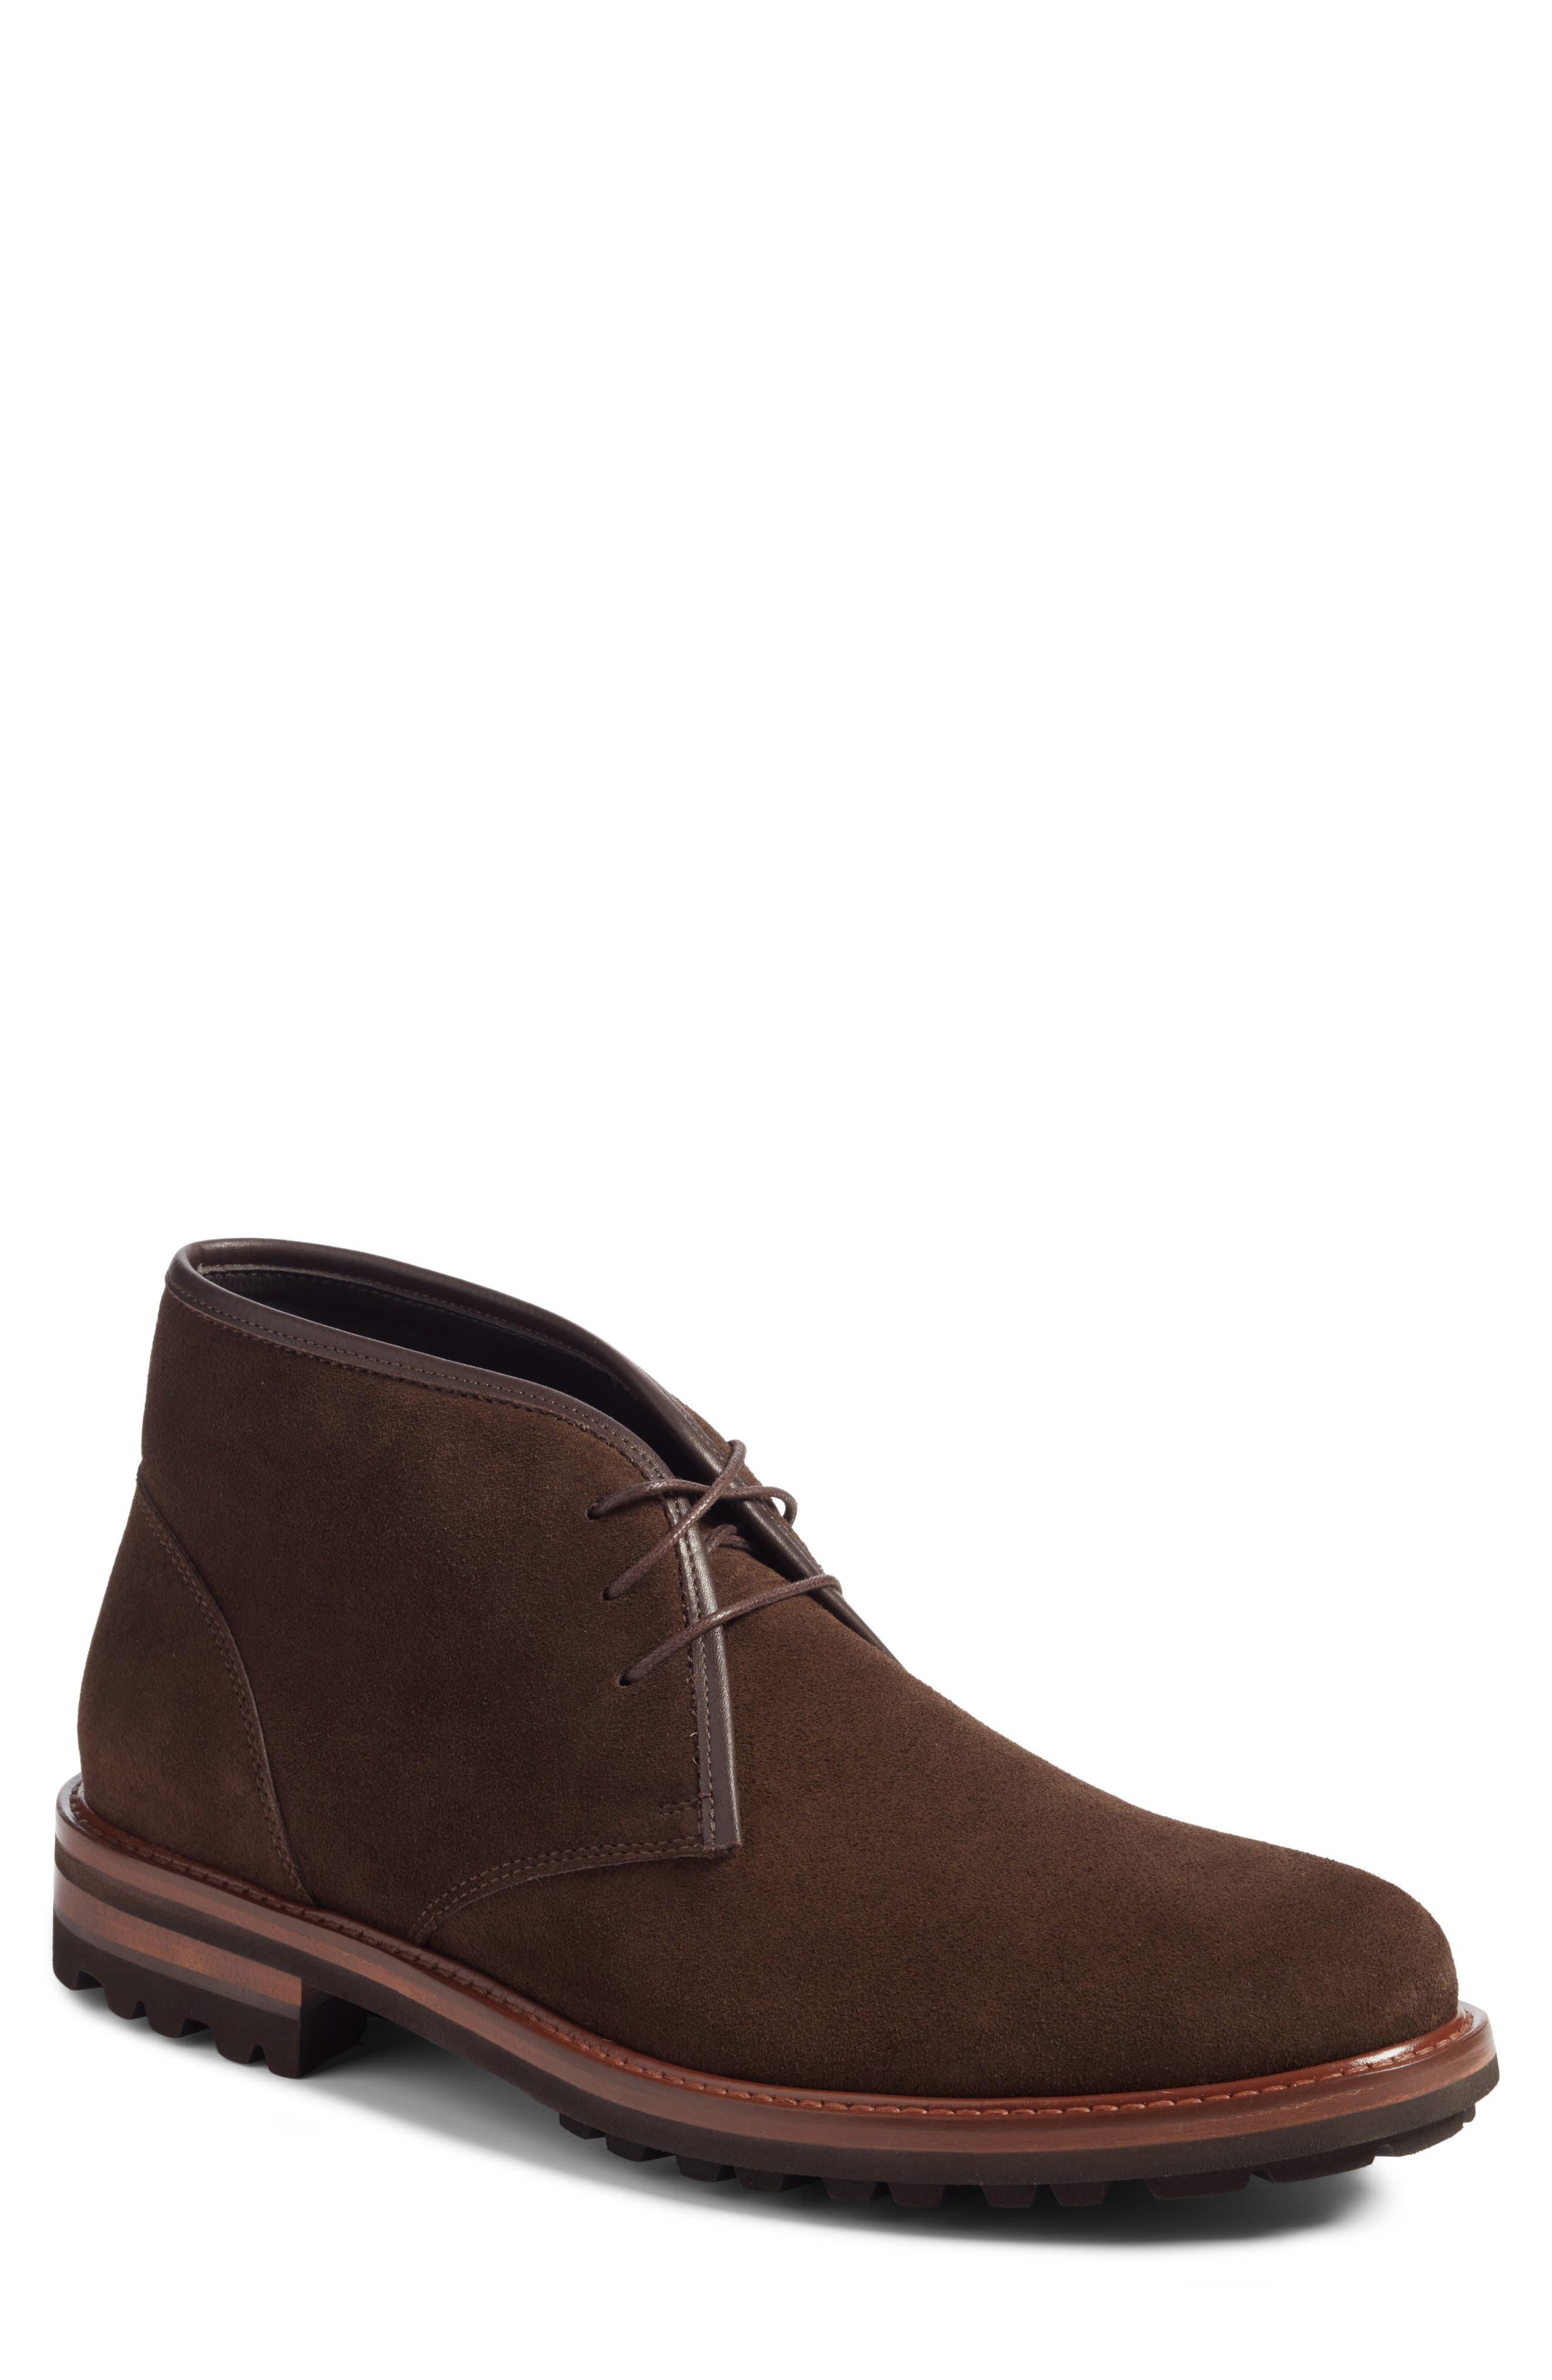 Alternate Image 1 Selected - Monte Rosso Brixen Waterproof Chukka Boot (Men)